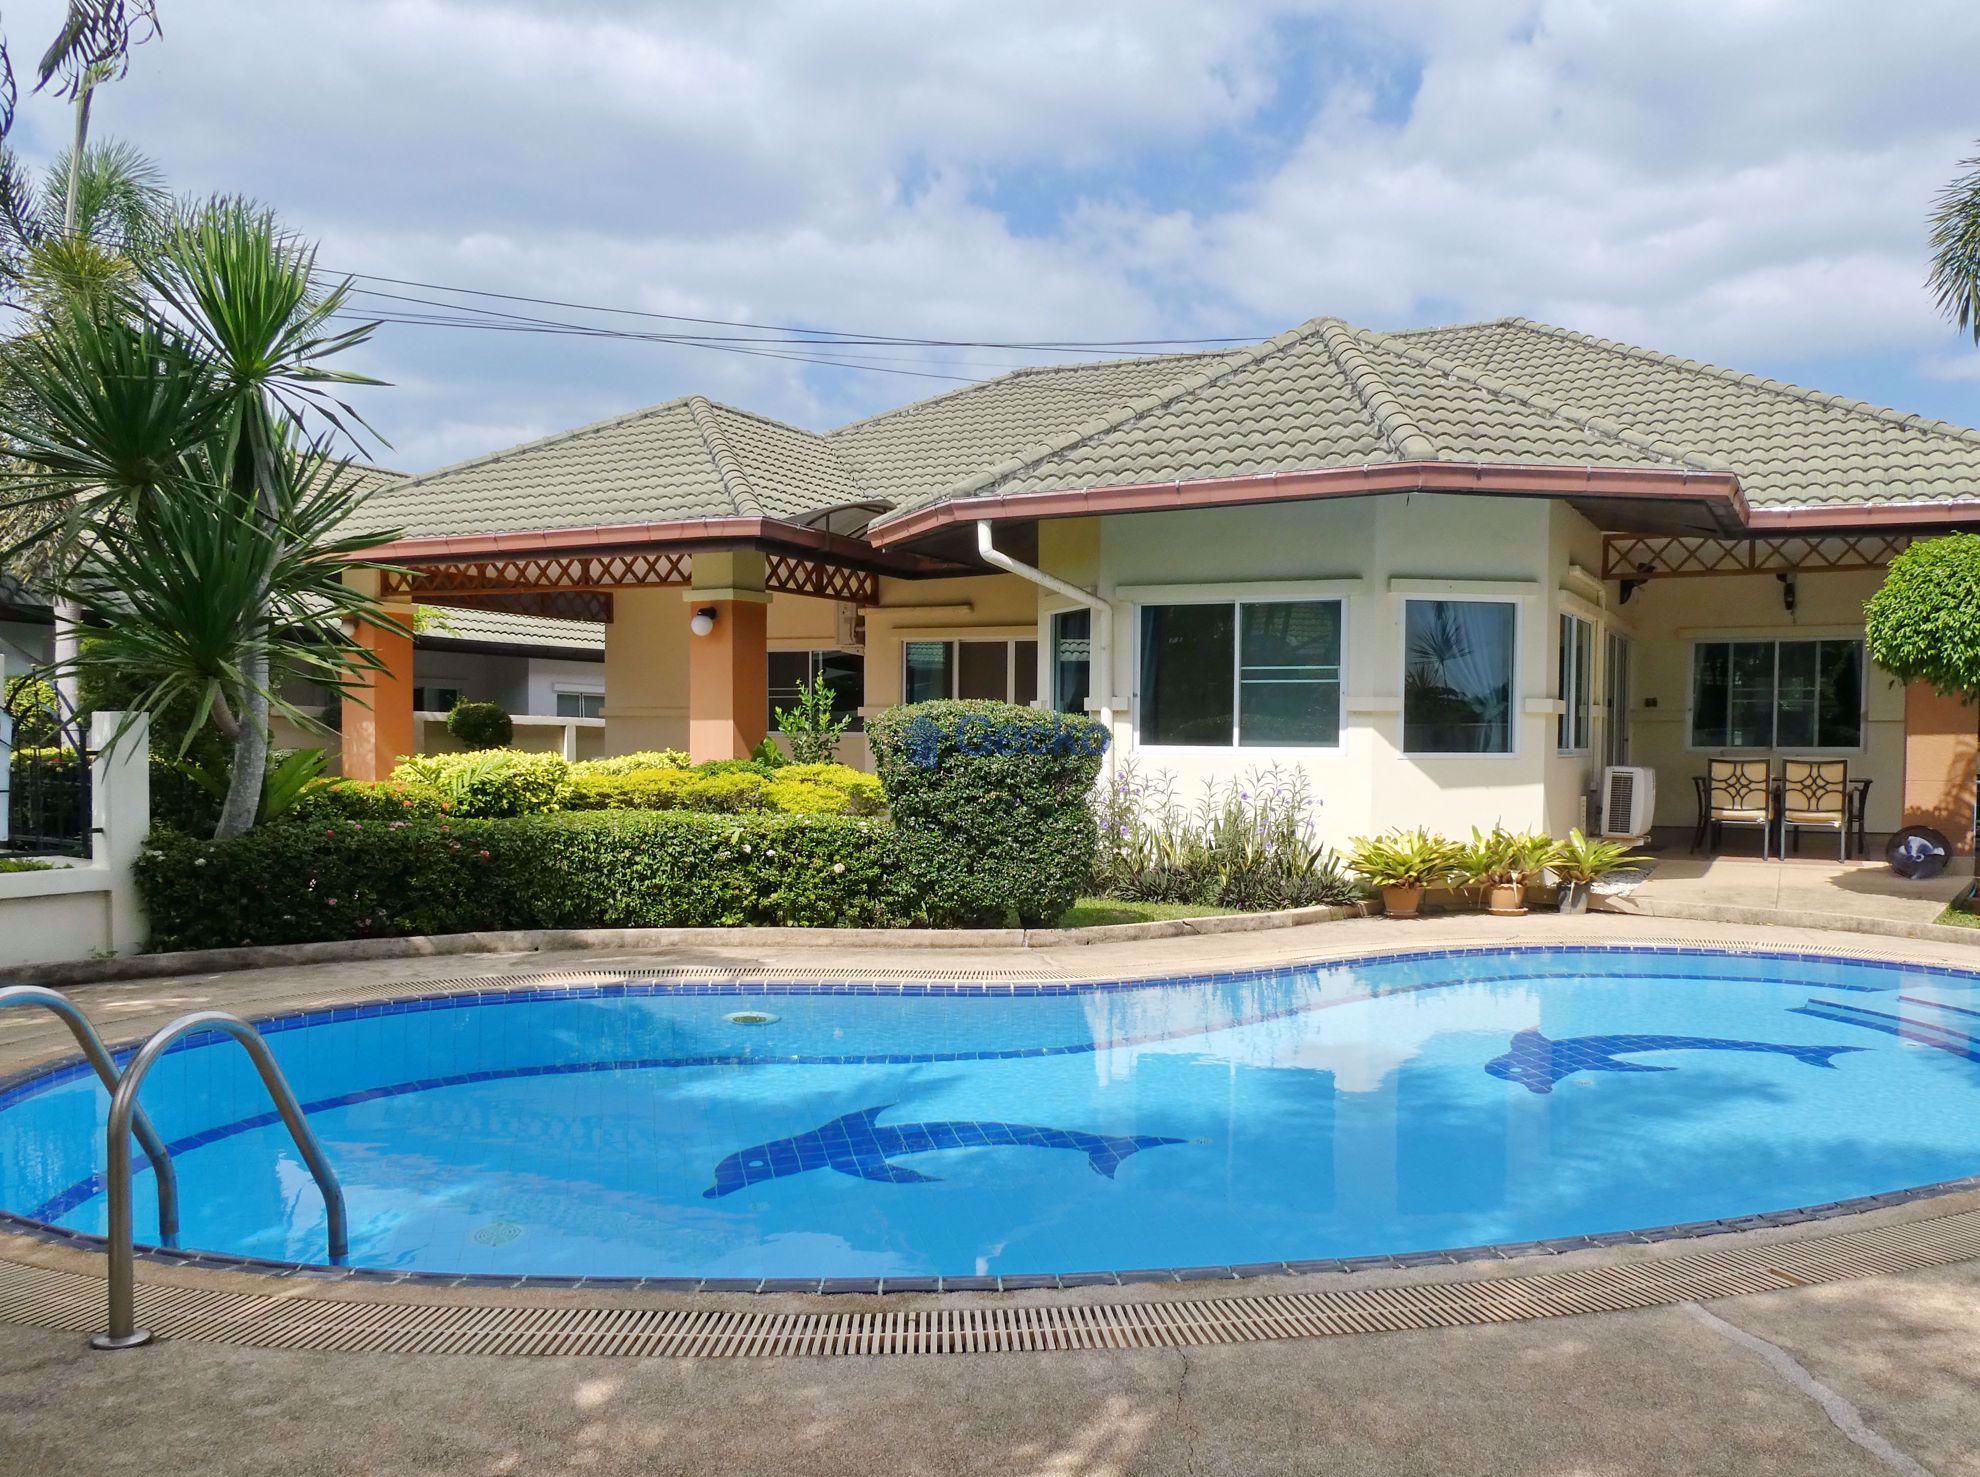 图片 3 Bedrooms bed in House in Green Field Villa 2 in East Pattaya H008950